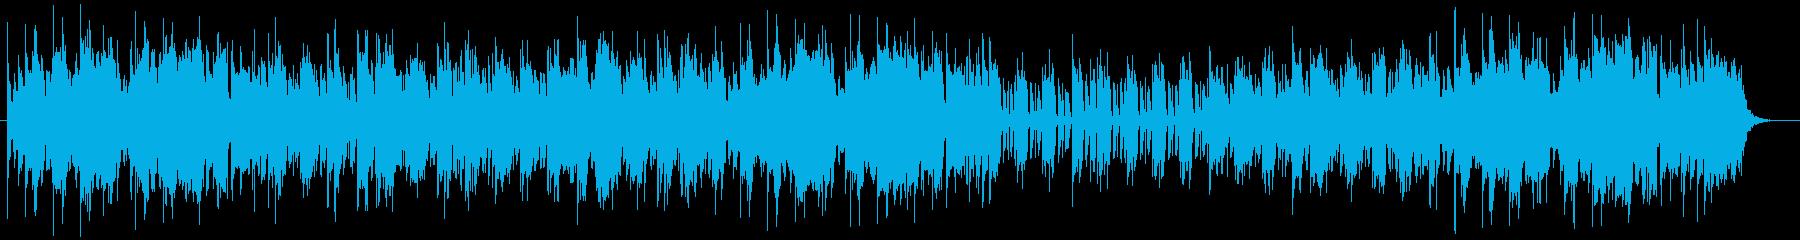 軽快なミドルテンポが特徴のポップスの再生済みの波形